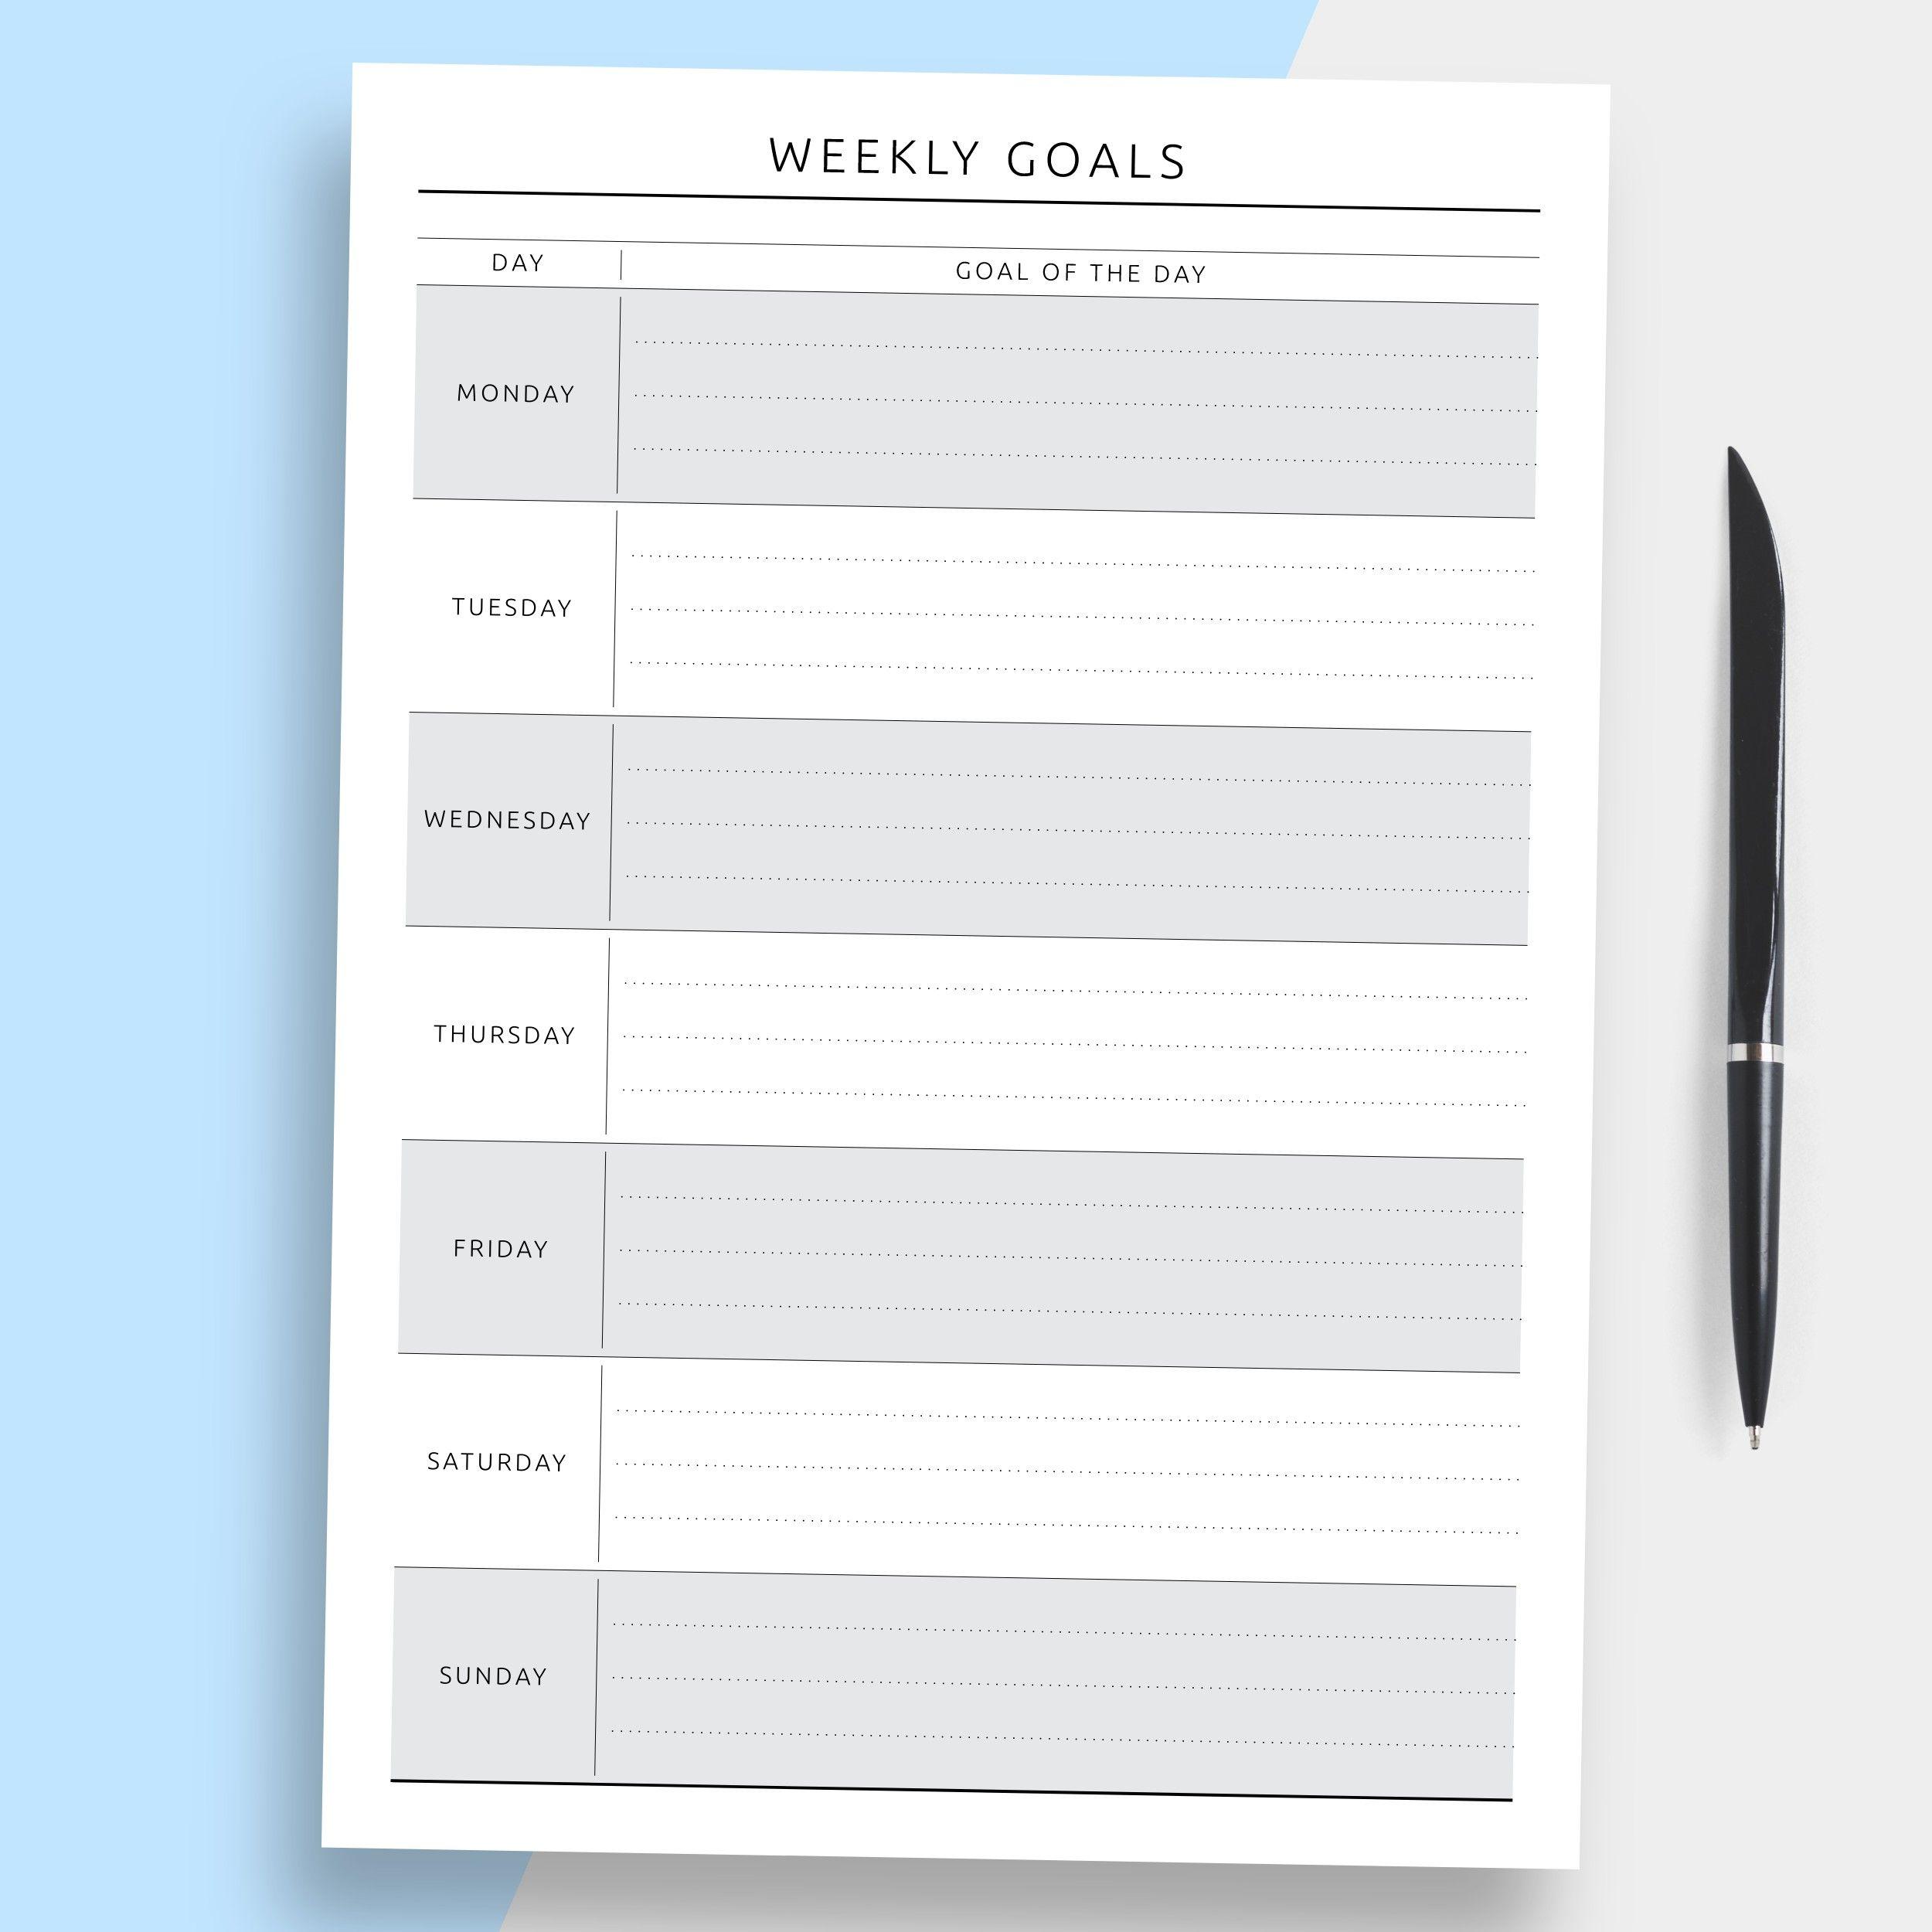 Printable Goal Planner Worksheet Goal Setting Planner Self Improvement Journal Insert Goal Planner Printable Goals Planner Goal Planning Worksheet